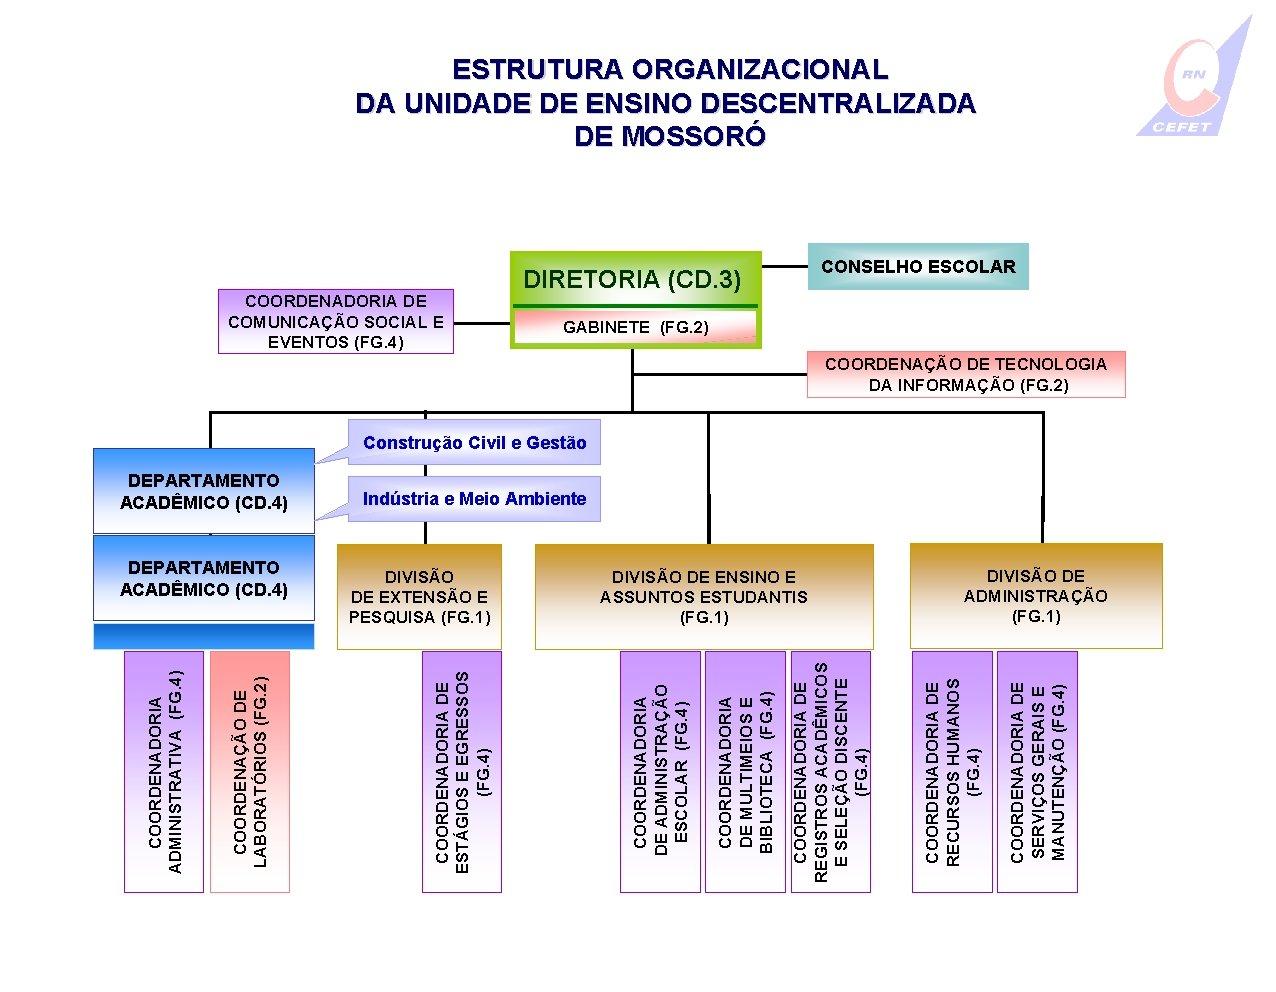 ESTRUTURA ORGANIZACIONAL DA UNIDADE DE ENSINO DESCENTRALIZADA DE MOSSORÓ COORDENADORIA DE COMUNICAÇÃO SOCIAL E